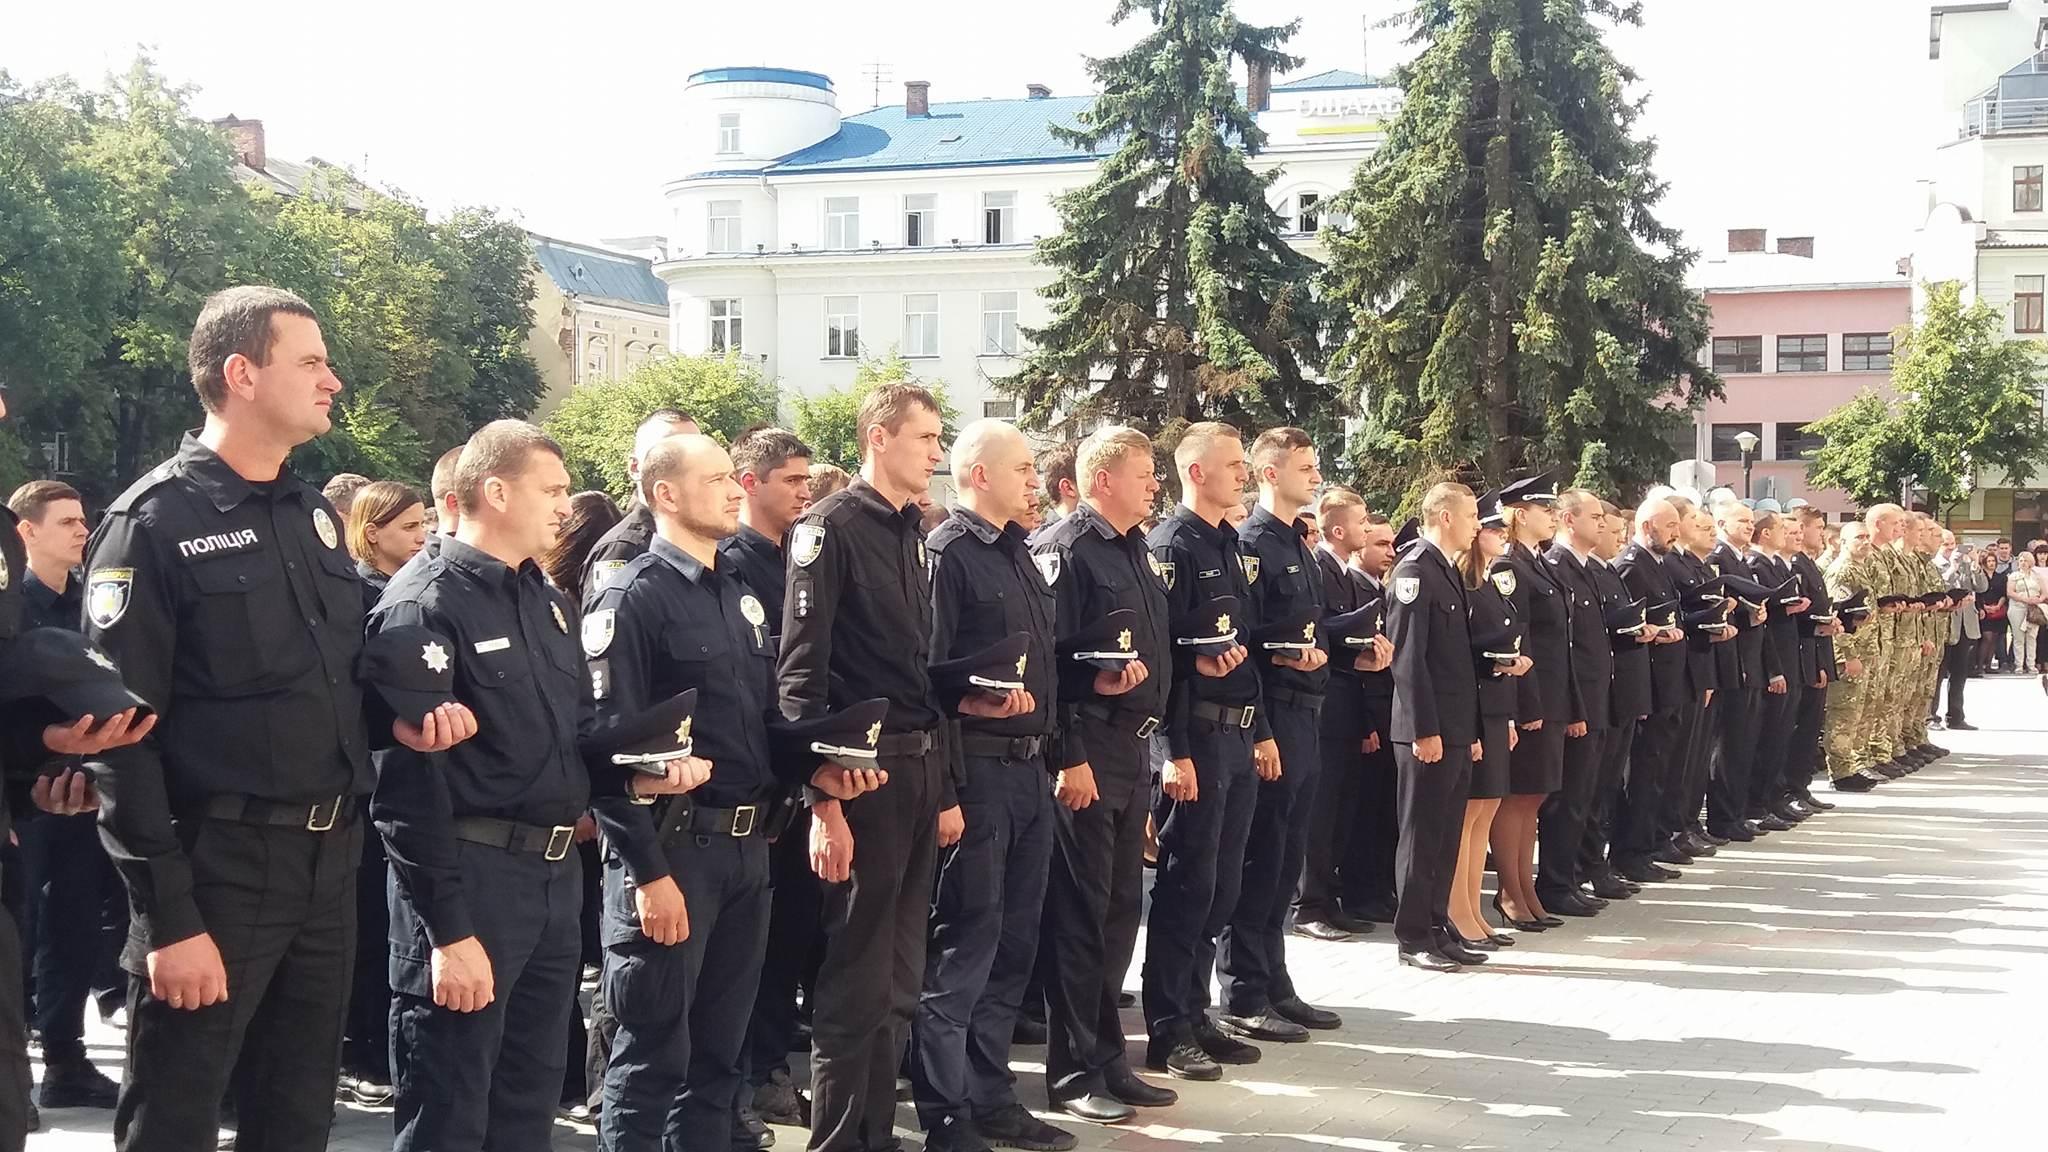 Картинки по запросу національна поліція івано-франківськ